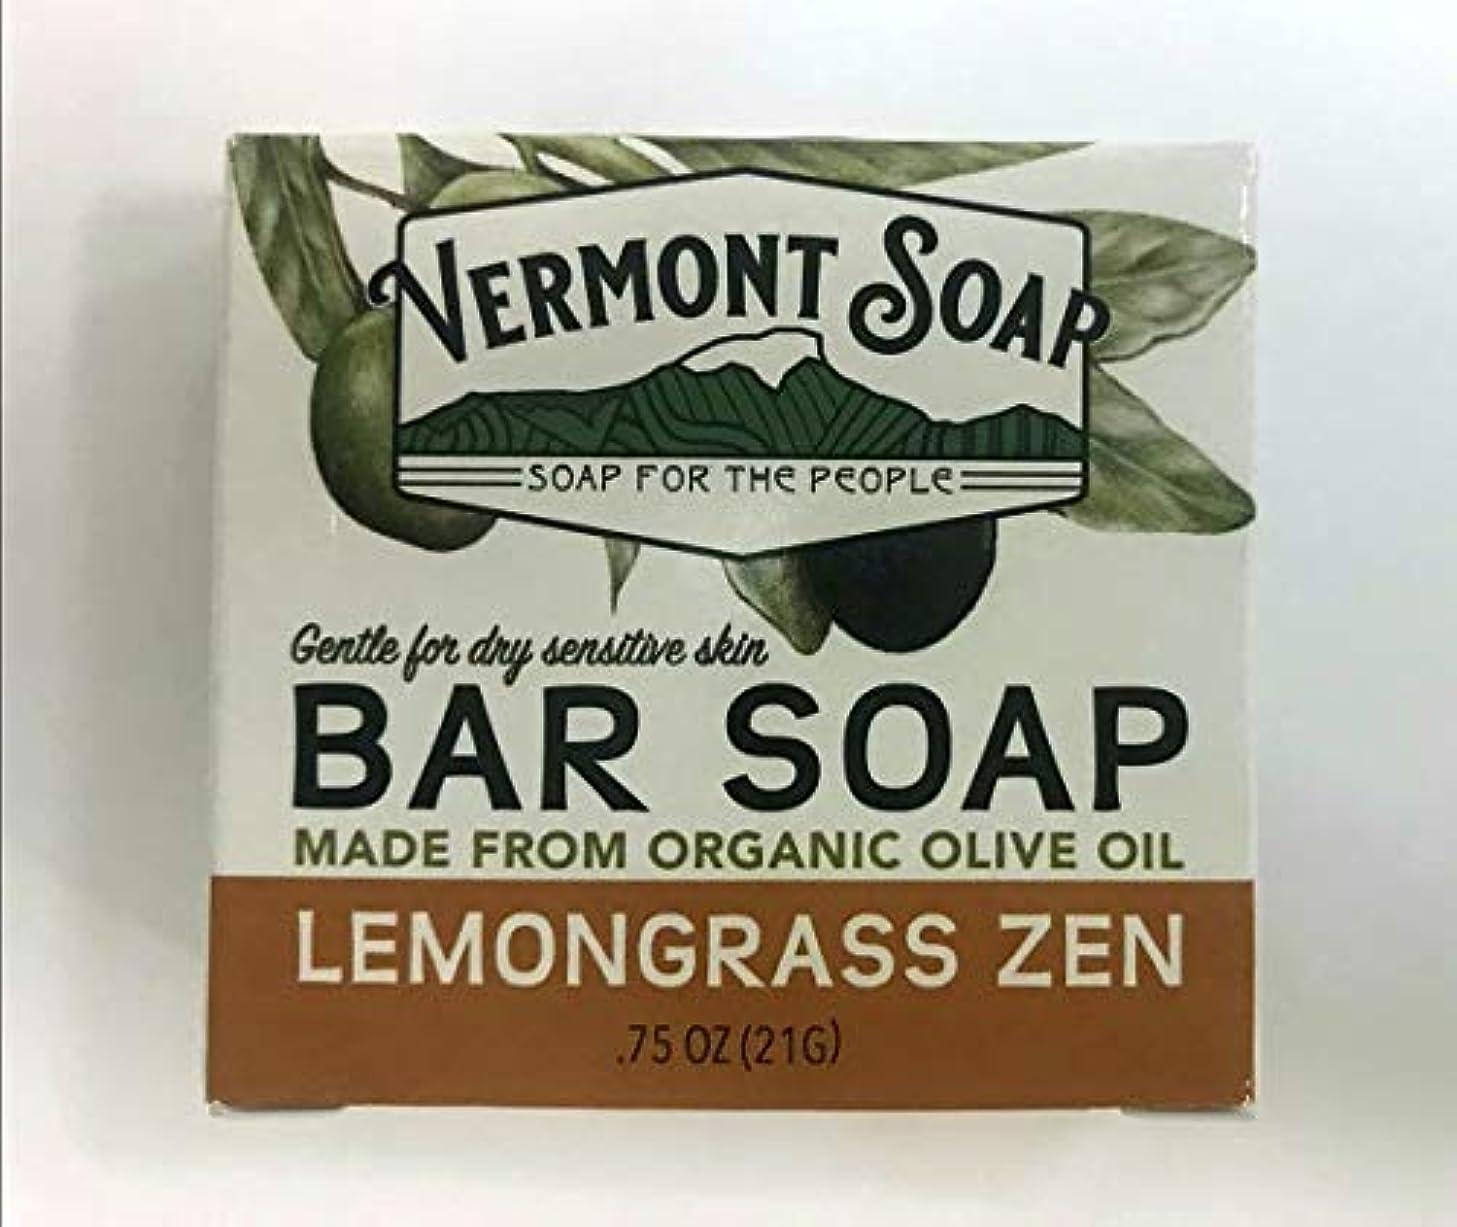 クレタ貫通する申し立てるVermontSoap バーモントソープ トラベルサイズ 2種類 (レモングラス) 21g オーガニック石けん 洗顔 ボディー